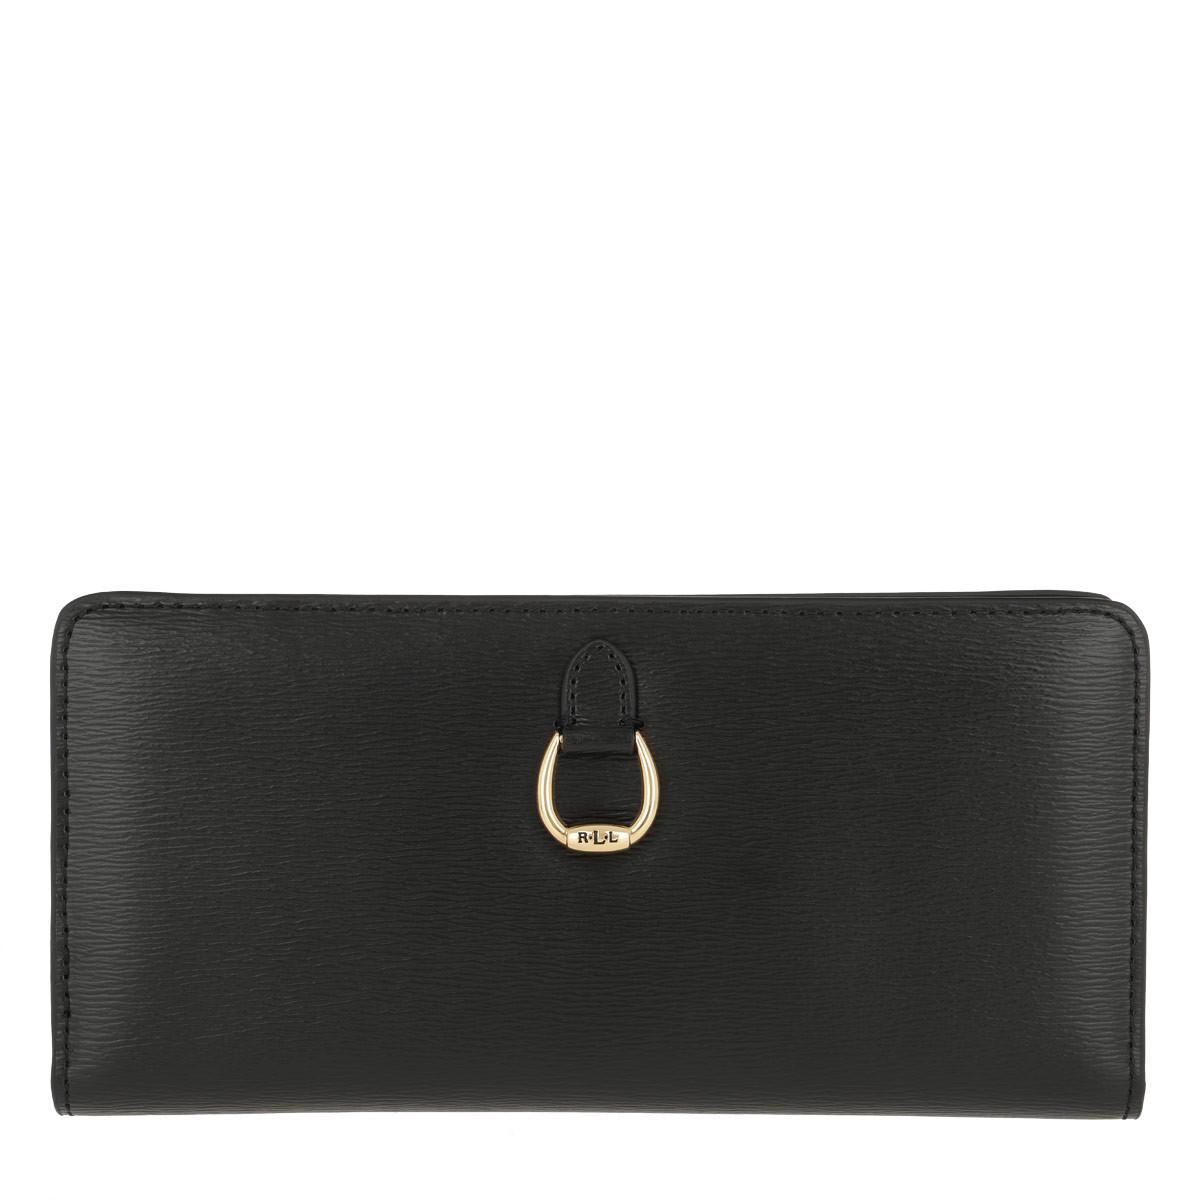 Lauren Ralph Lauren Portemonnaie - Bennington Snap Continental Wallet Large Black - in schwarz - für Damen